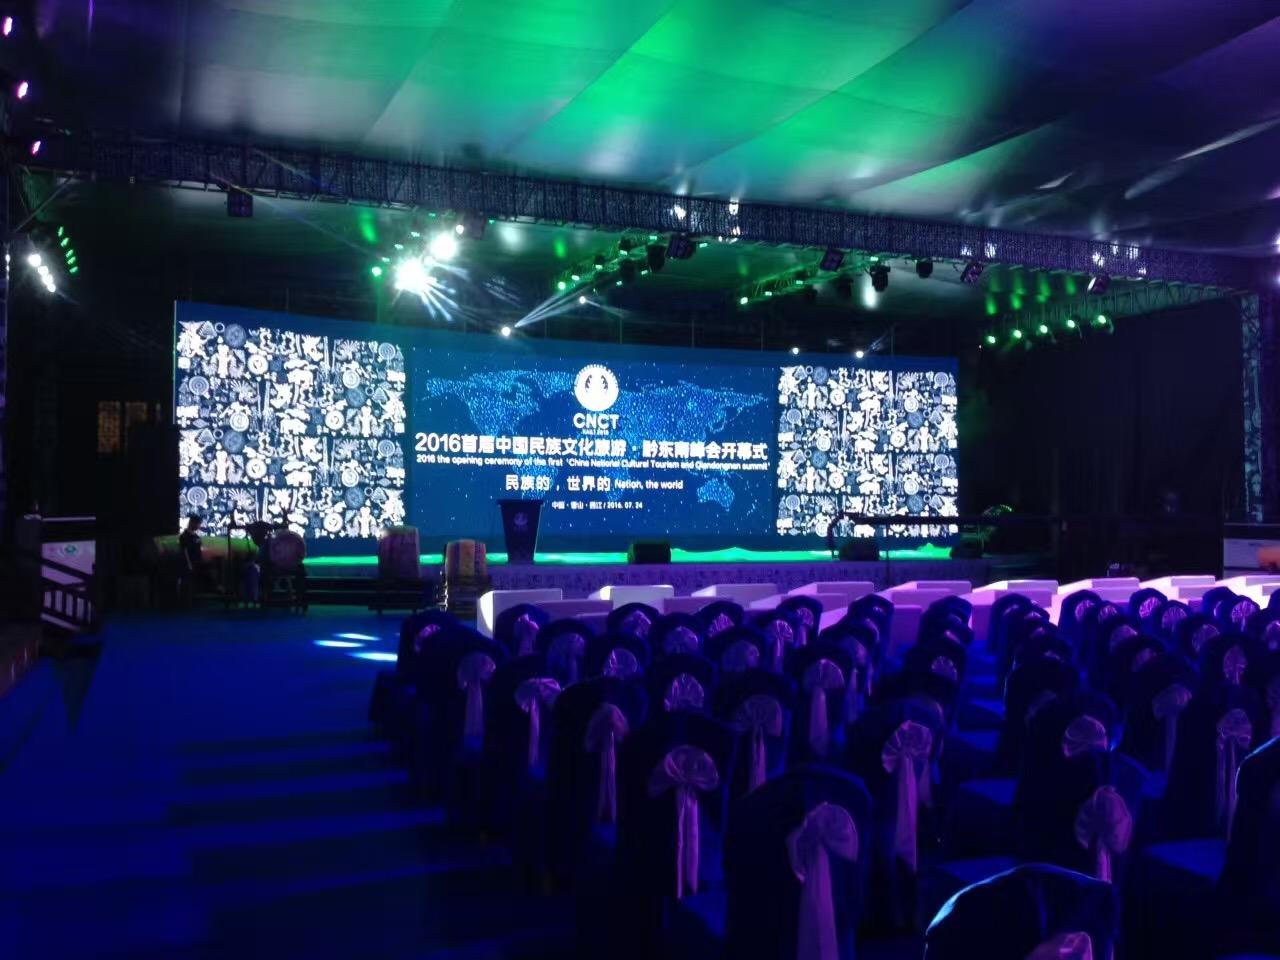 2016中国民族文化旅游黔南峰会